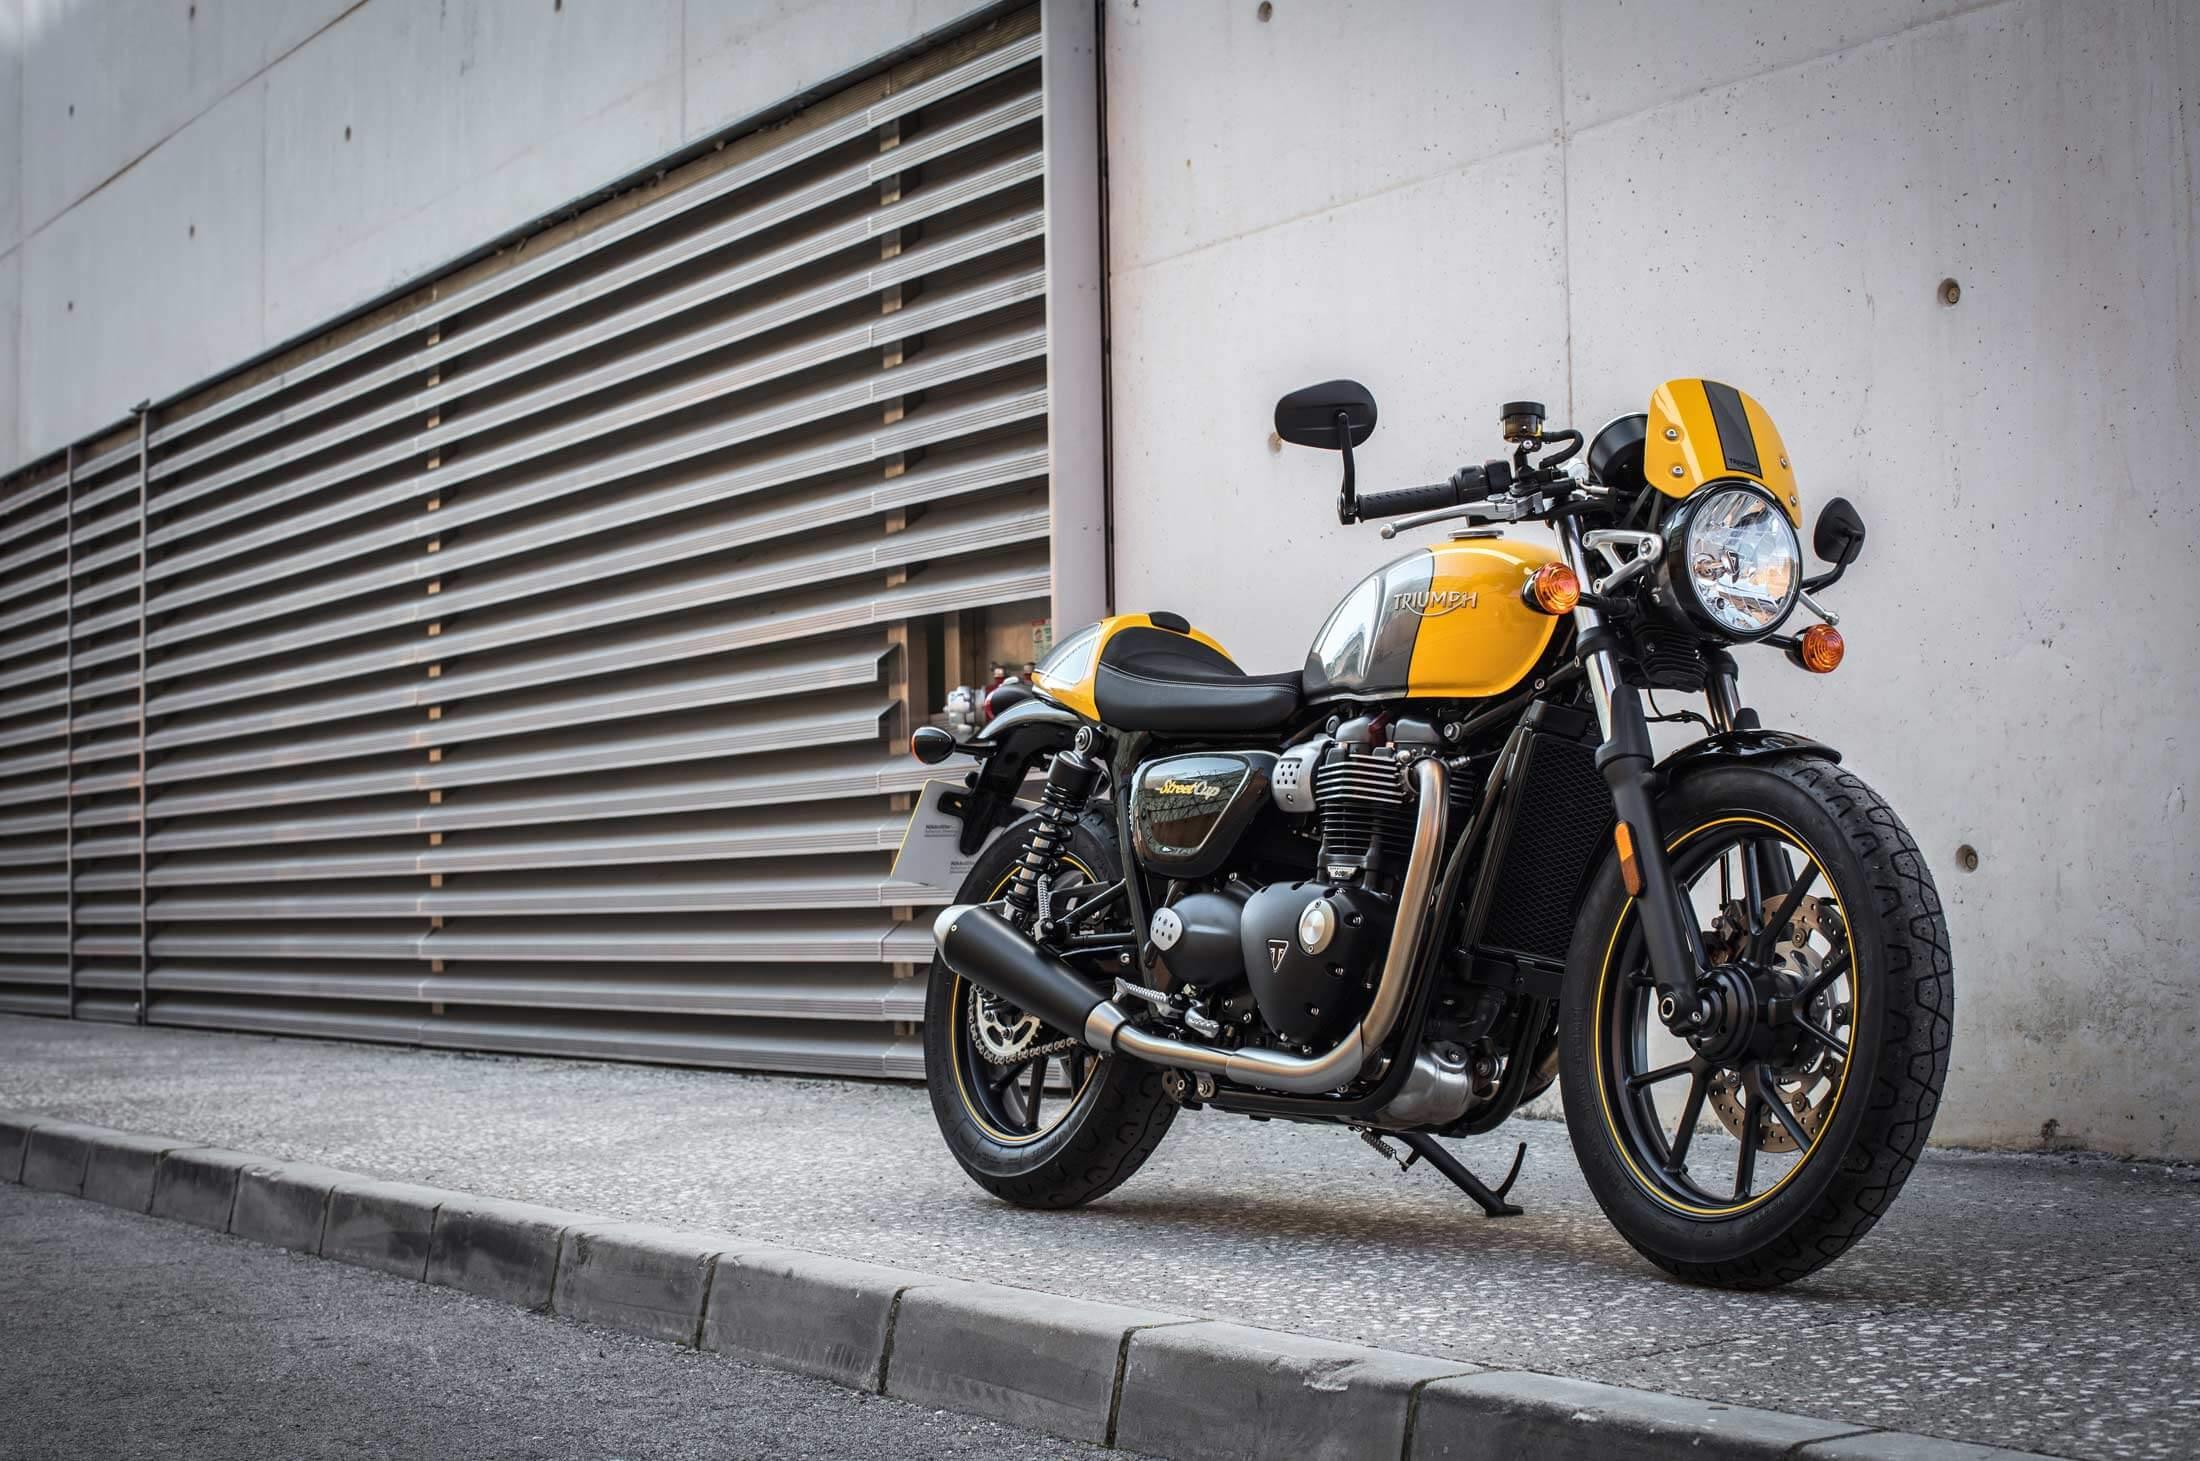 Moto anglaise occasion le top la Triumph Street Cup - Moto anglaise occasion le top la Triumph Street Cup Video